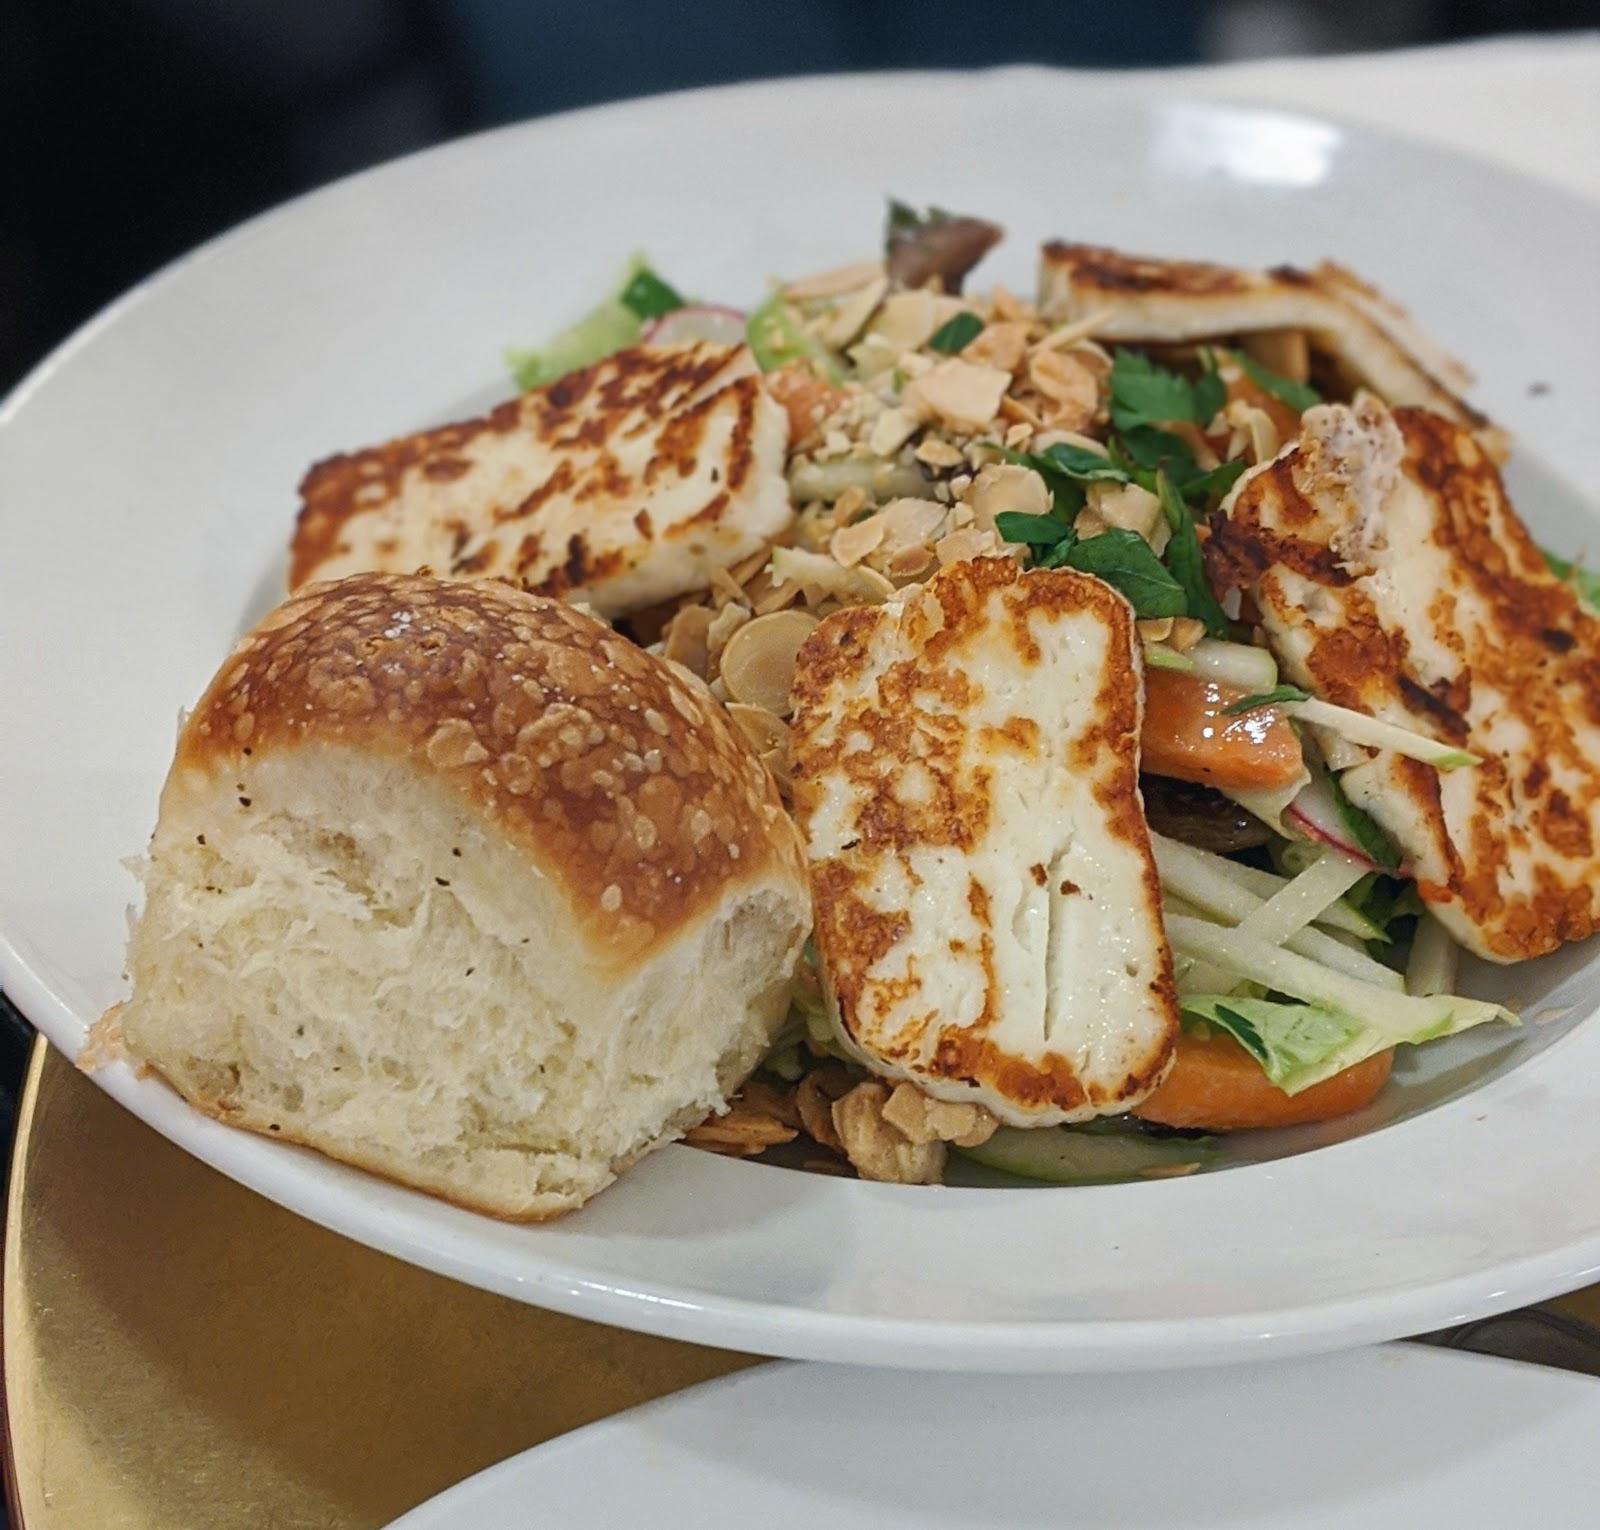 האוכל הכי טעים בבוסטון אטרקציות איפה לעצור איפה הכי שווה להיות